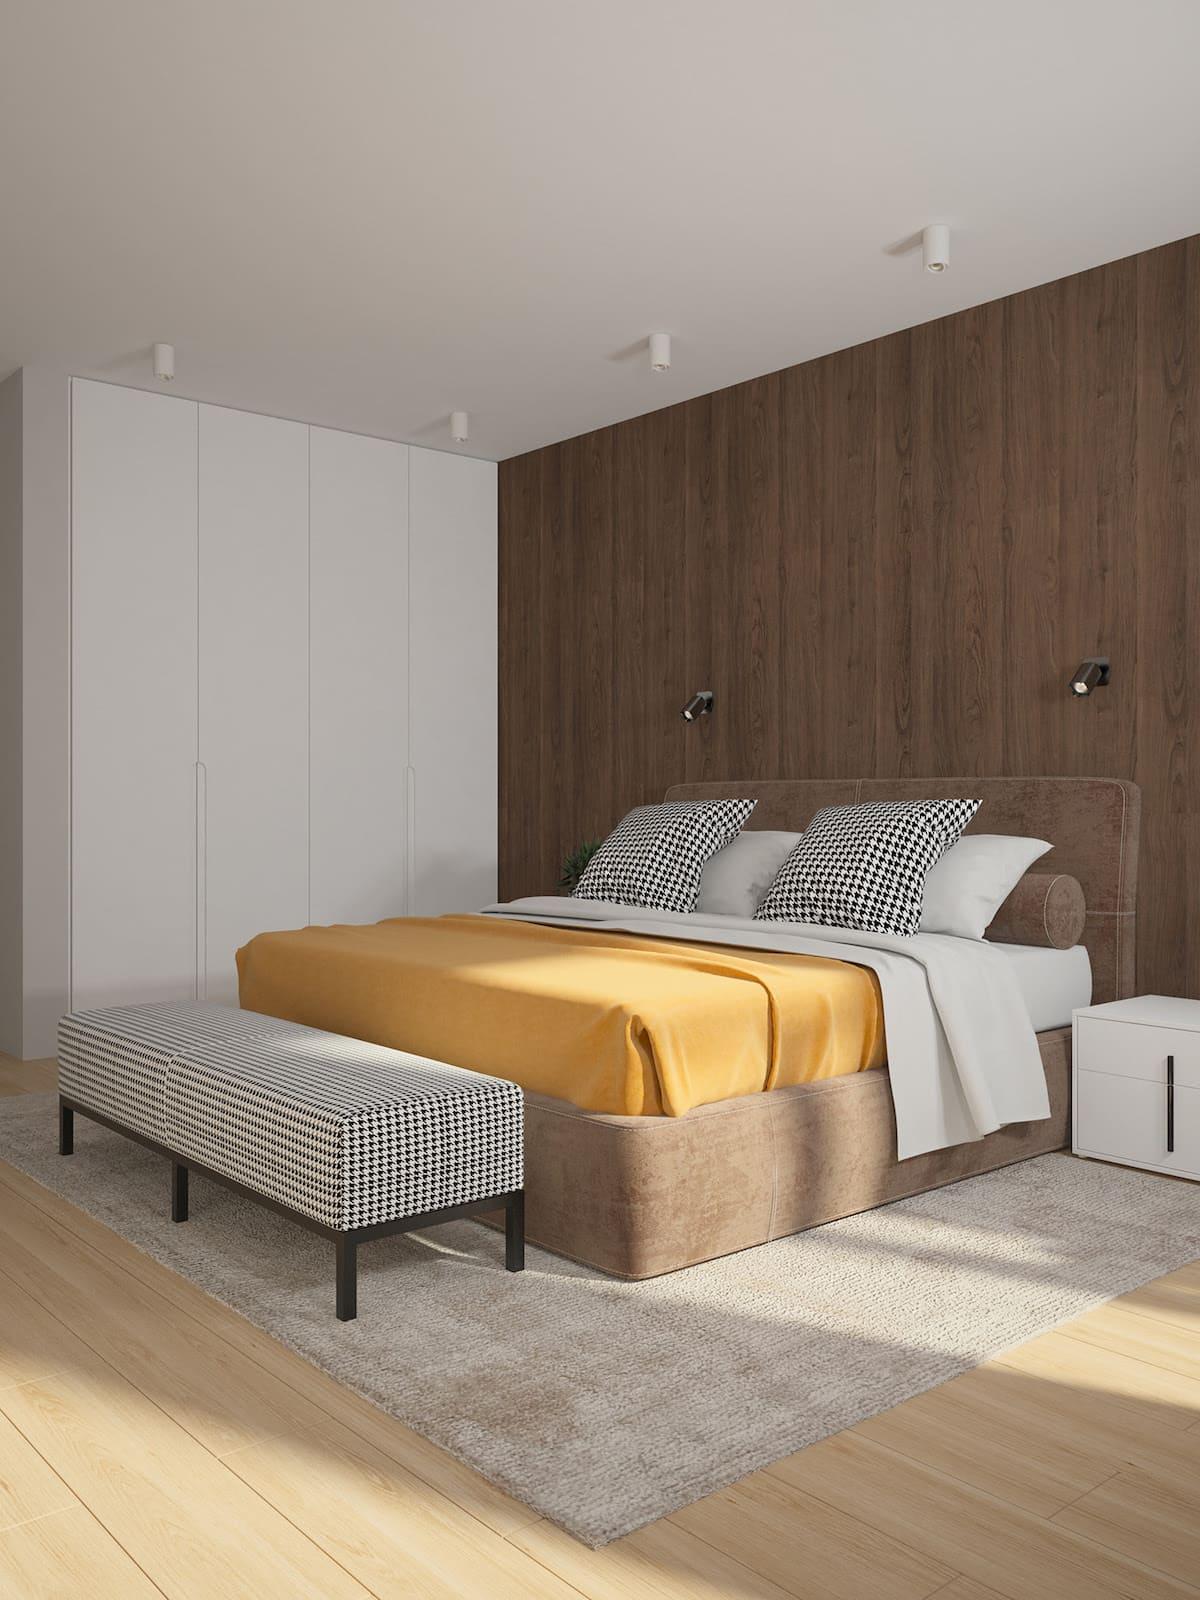 Conception d'un appartement à une chambre photo 10